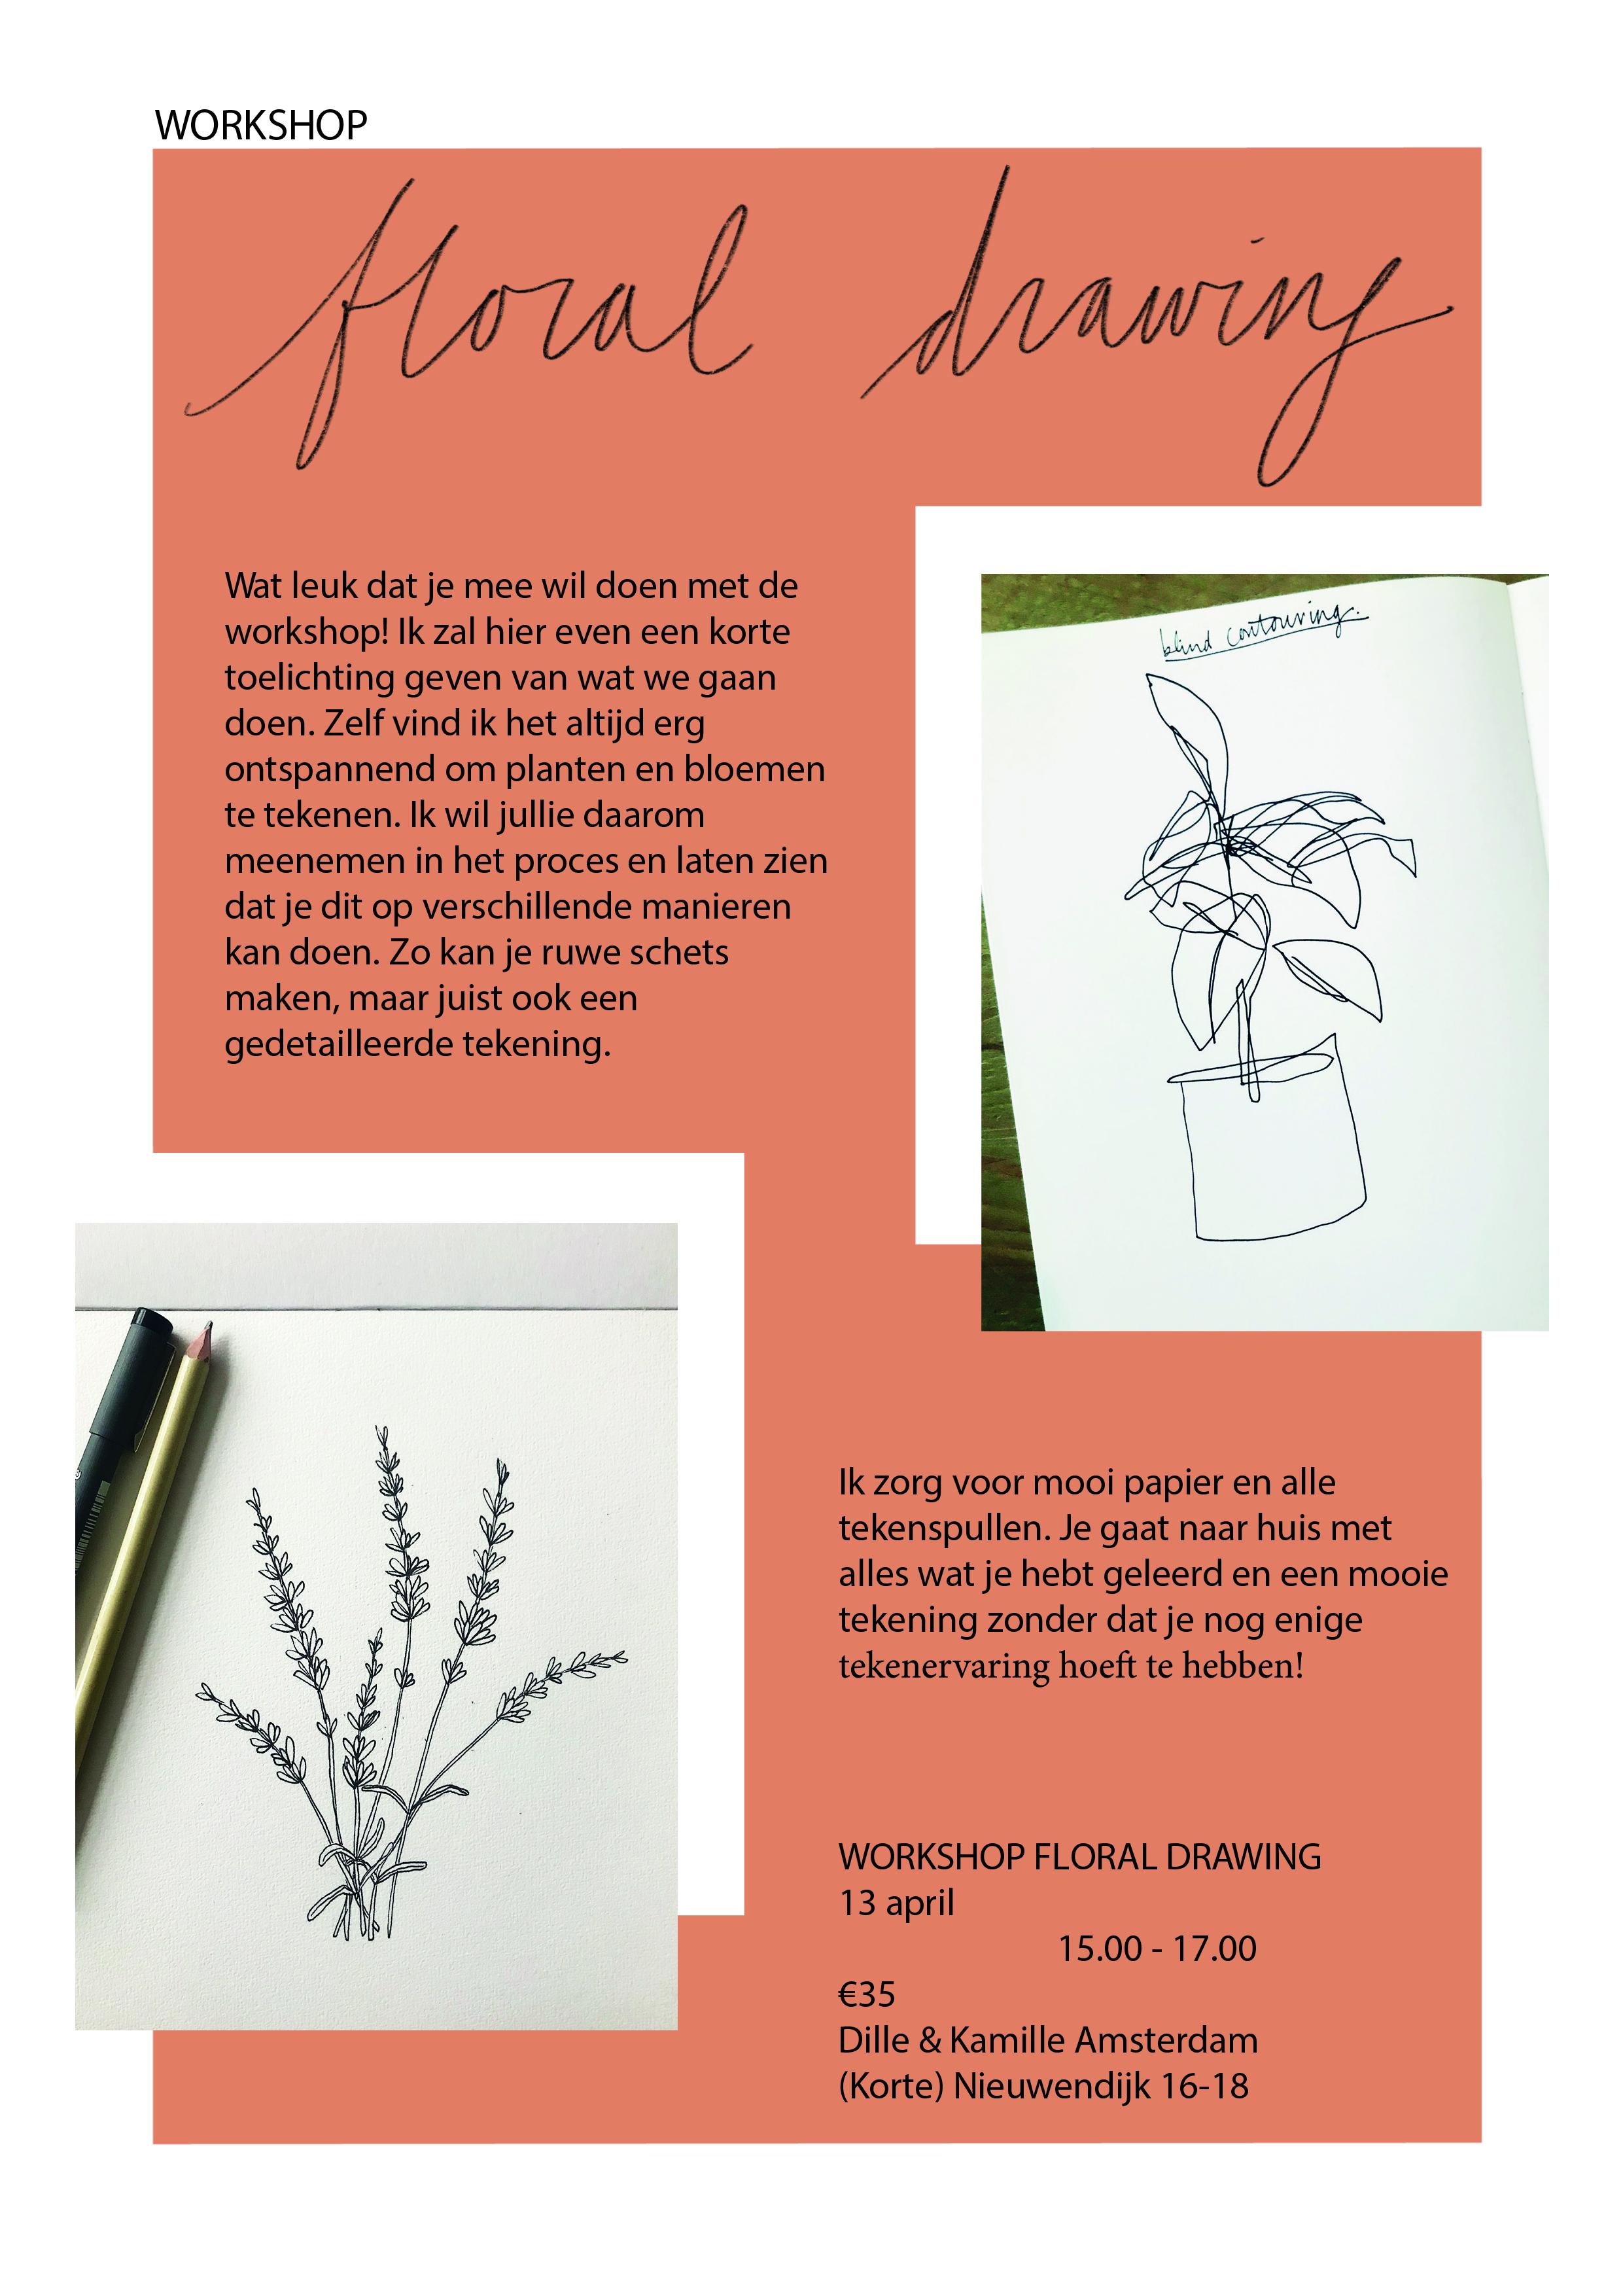 Workshop floral drawing lr.jpg